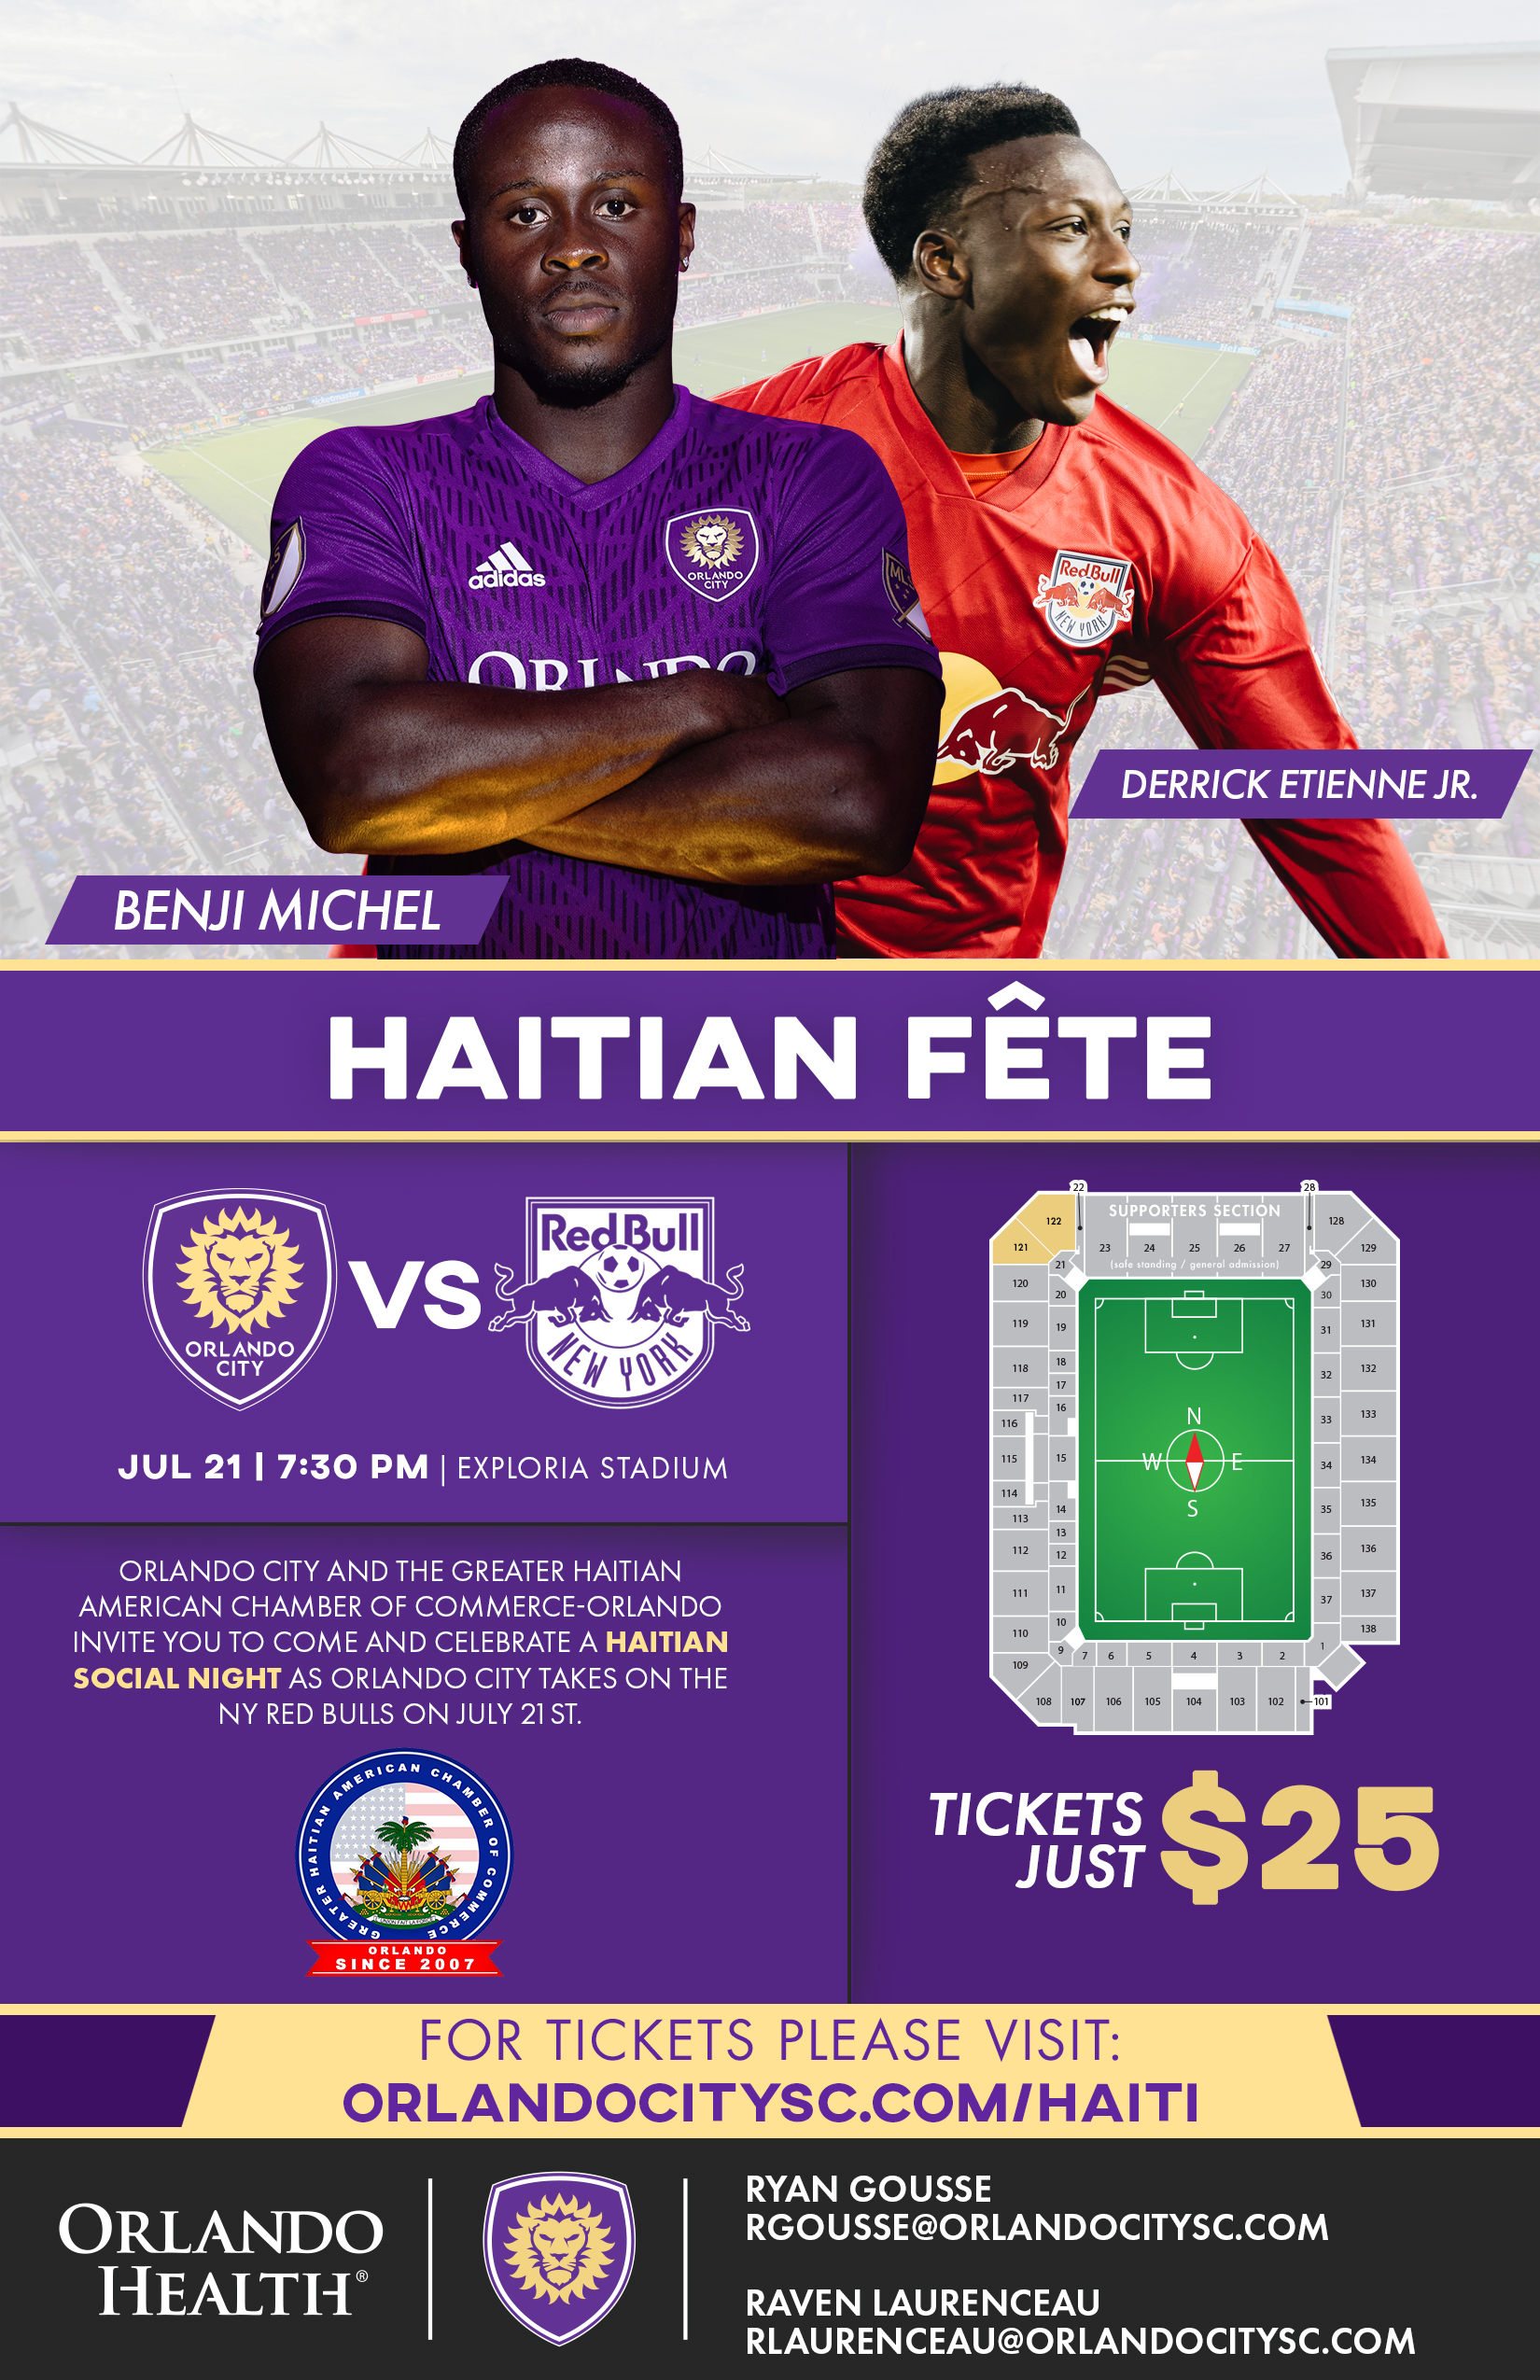 Haitian Fete Flyer